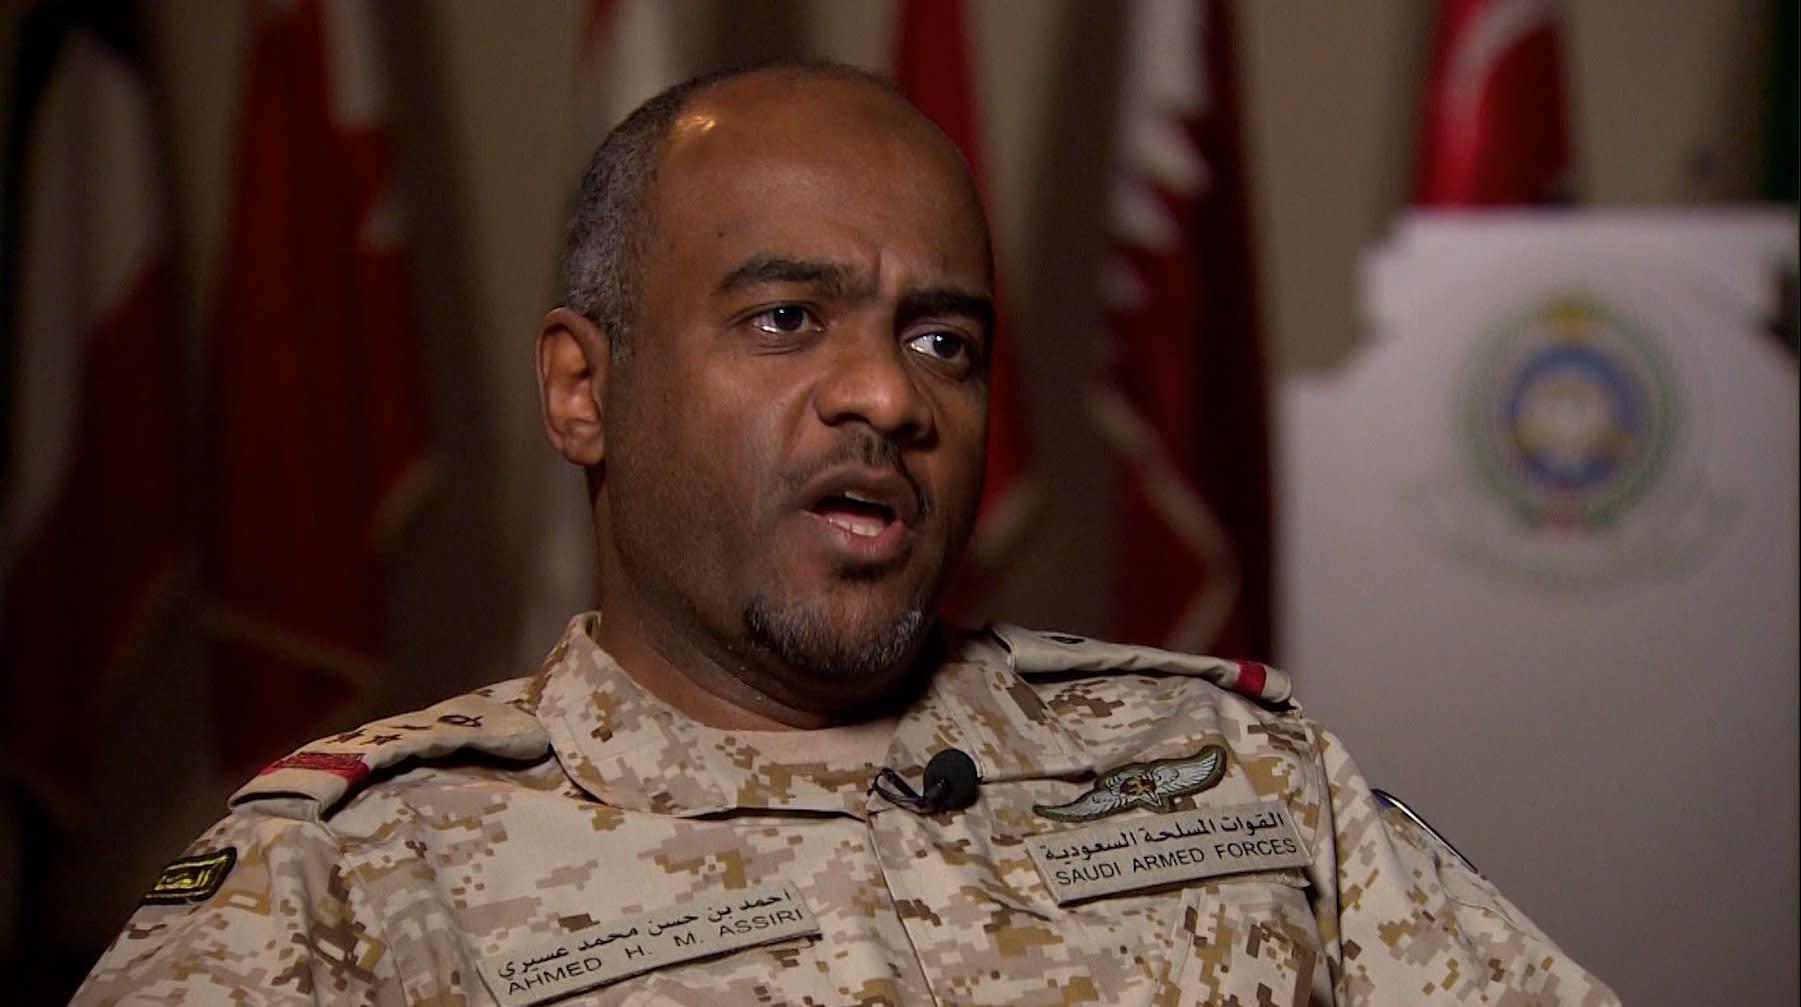 عسيري: السعودية مستعدة للمشاركة بقوات برية مع التحالف الدولي ضد داعش في سوريا